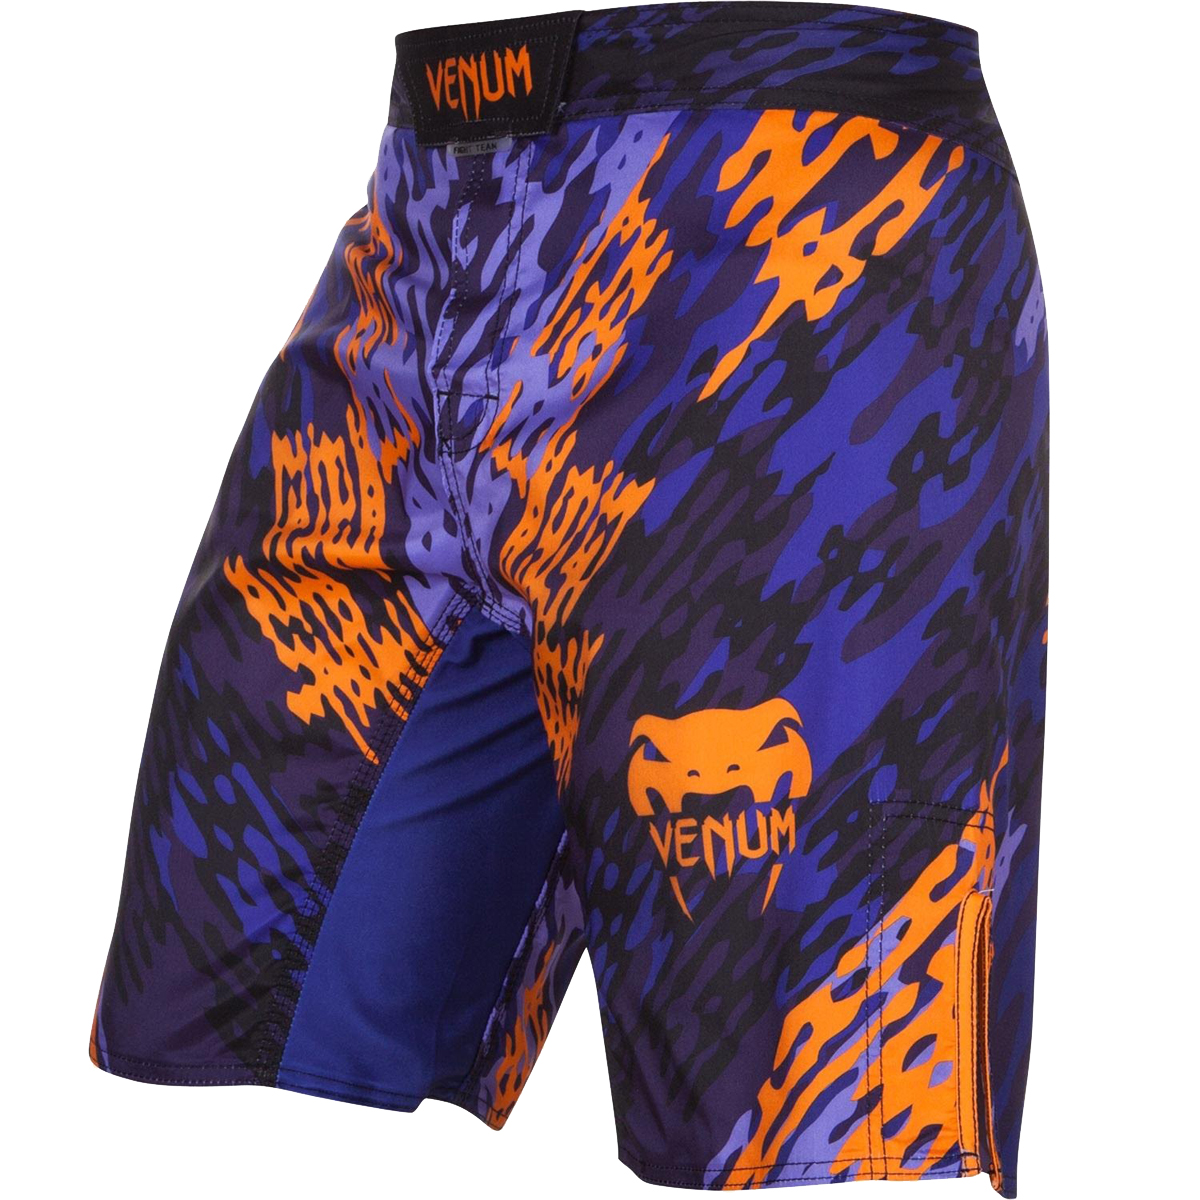 Venum Neo Camo MMA Fight Shorts - Blue/Orange/Black